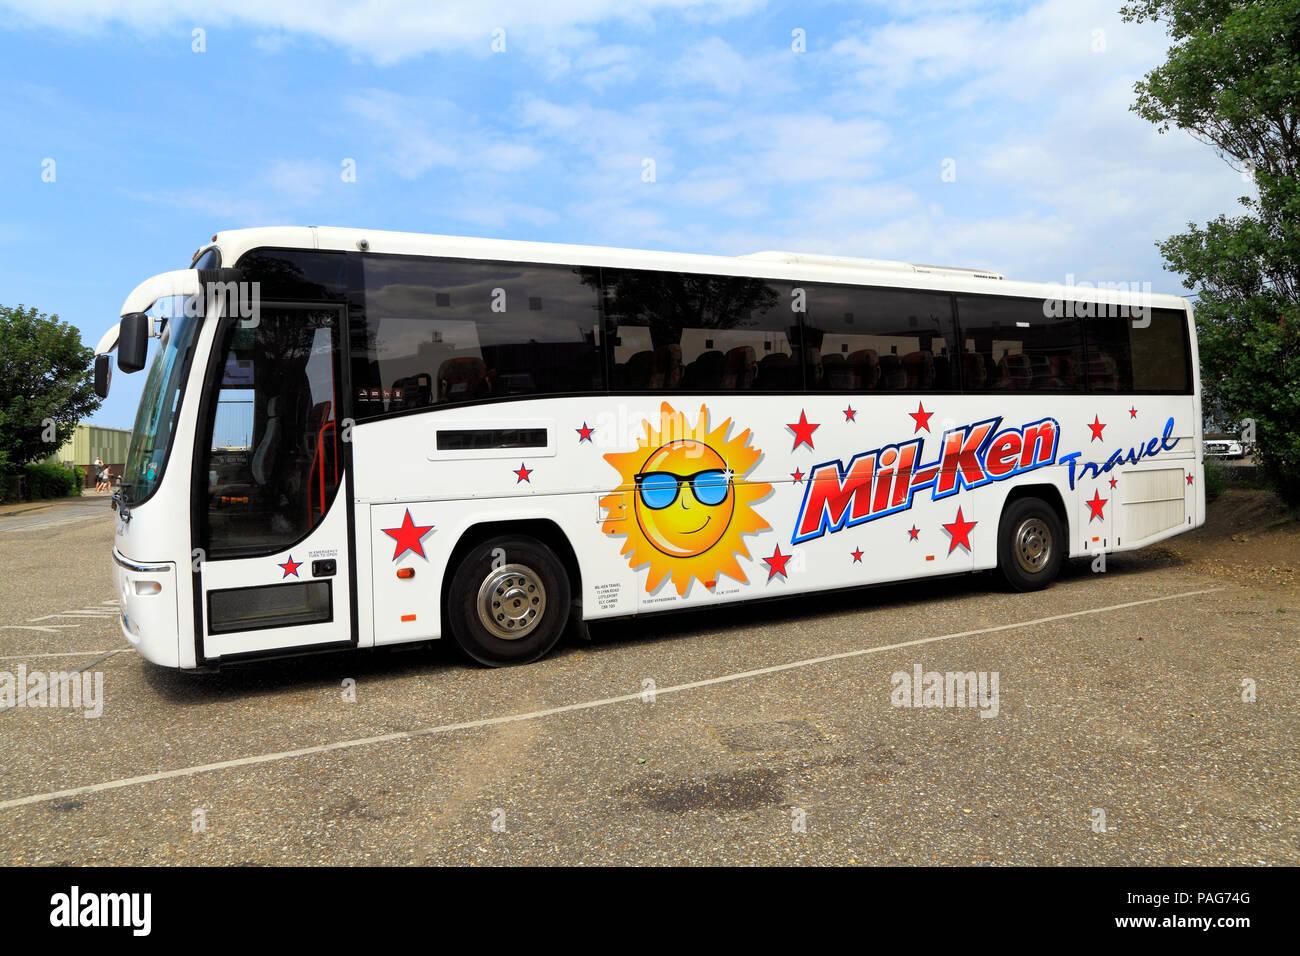 Mil-Ken, billet d'autocar, excursions, Littleport, España, maison de vacances, les entraîneurs, les voyages Photo Stock